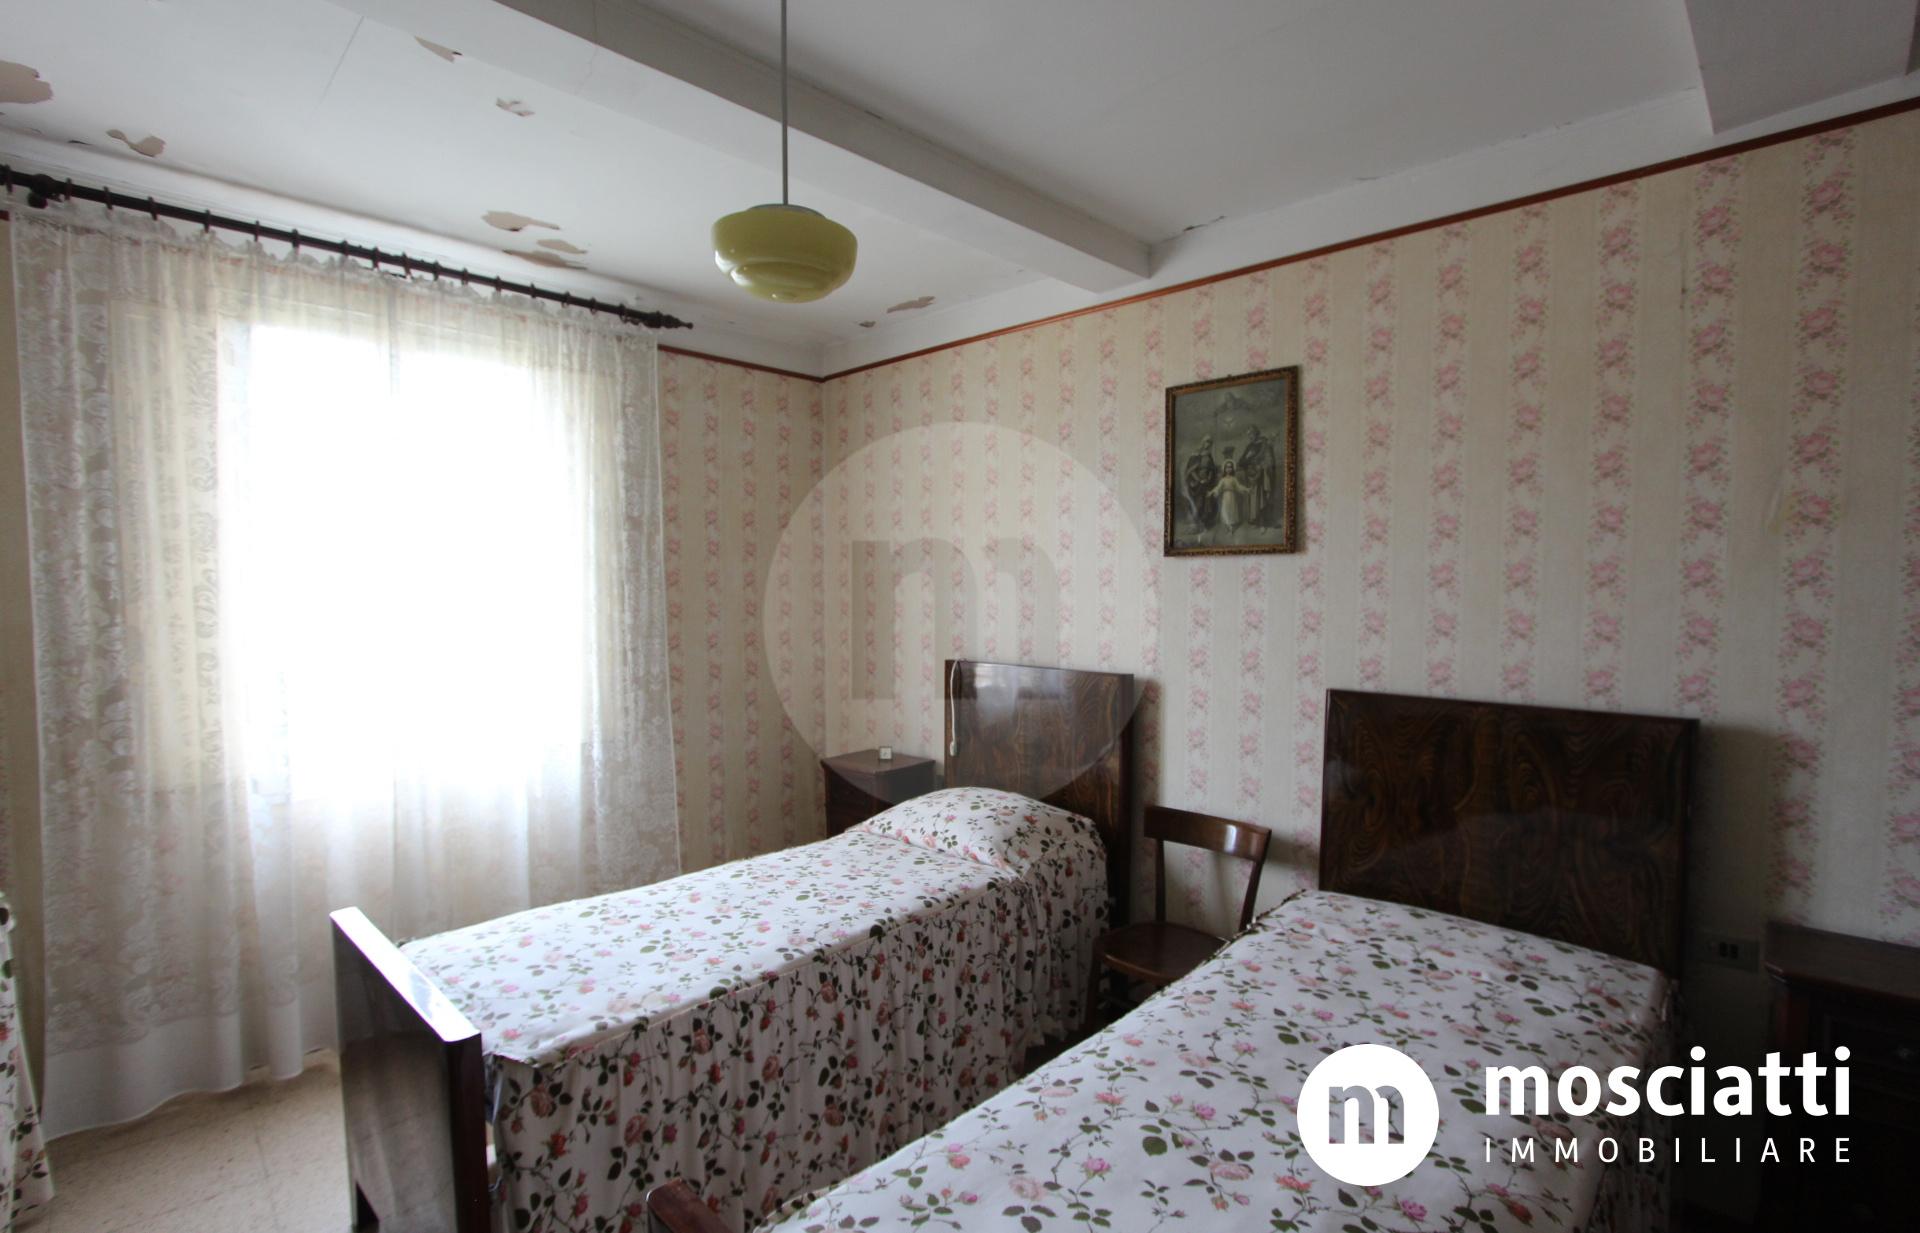 Matelica, Centro Storico in Vicolo Cafasso II, vendesi abitazione con ingresso indipendente - 1